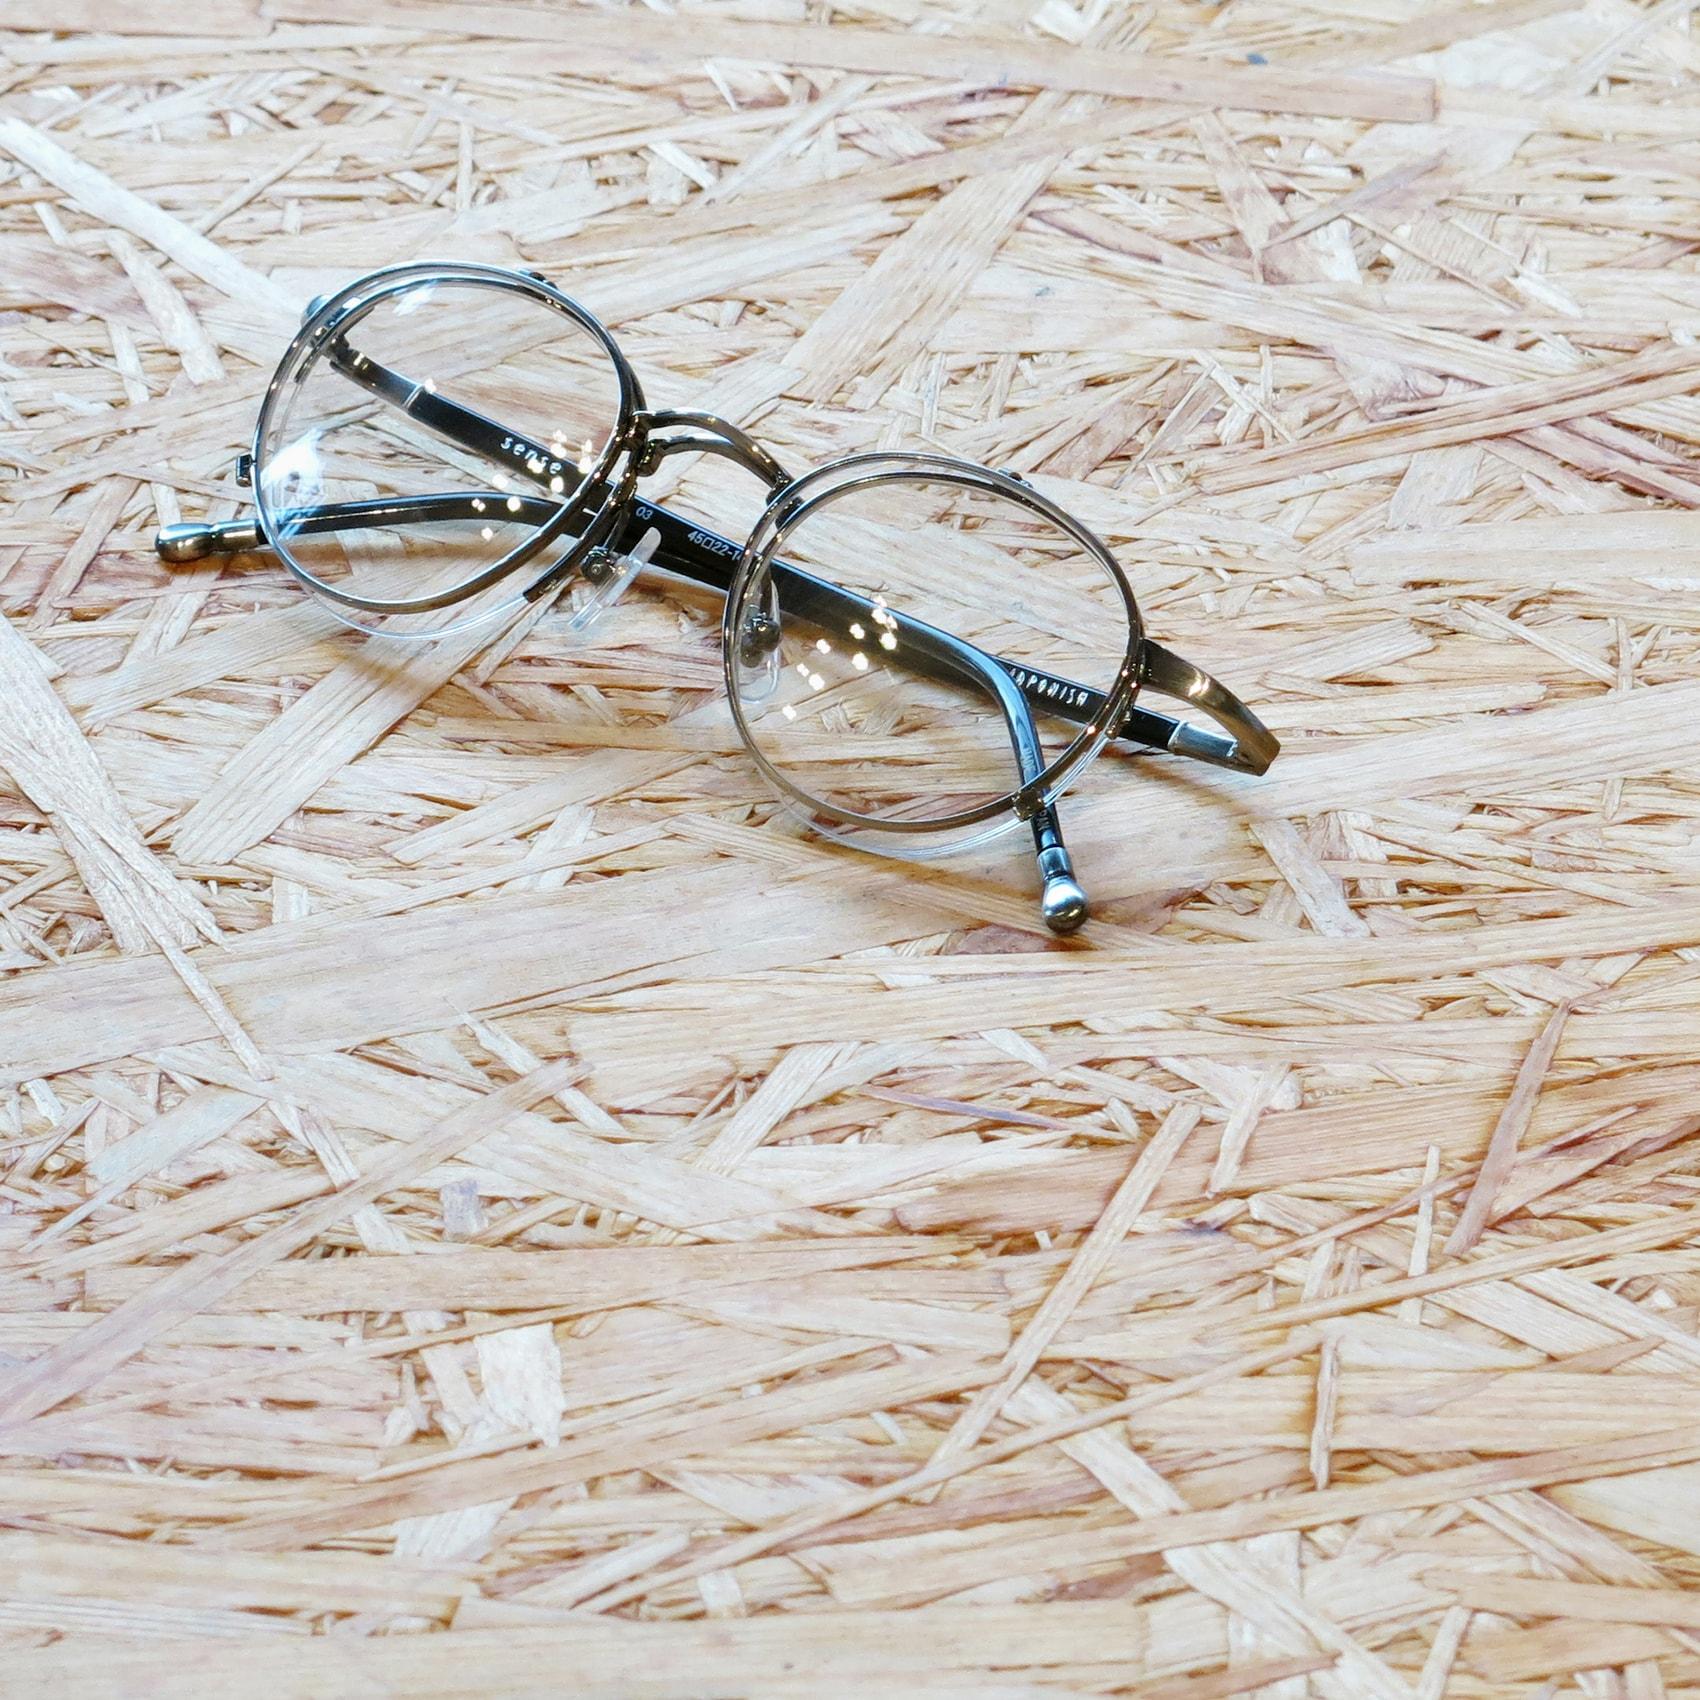 シンプルな姿の跳ね上げの複式メガネ。JAPONISM sense